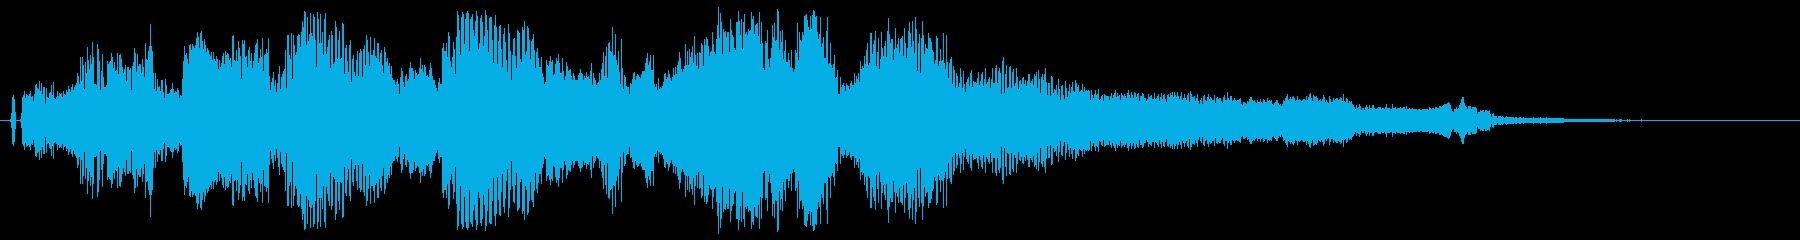 DJ,ラジオ,映像,クリエイター様に17の再生済みの波形